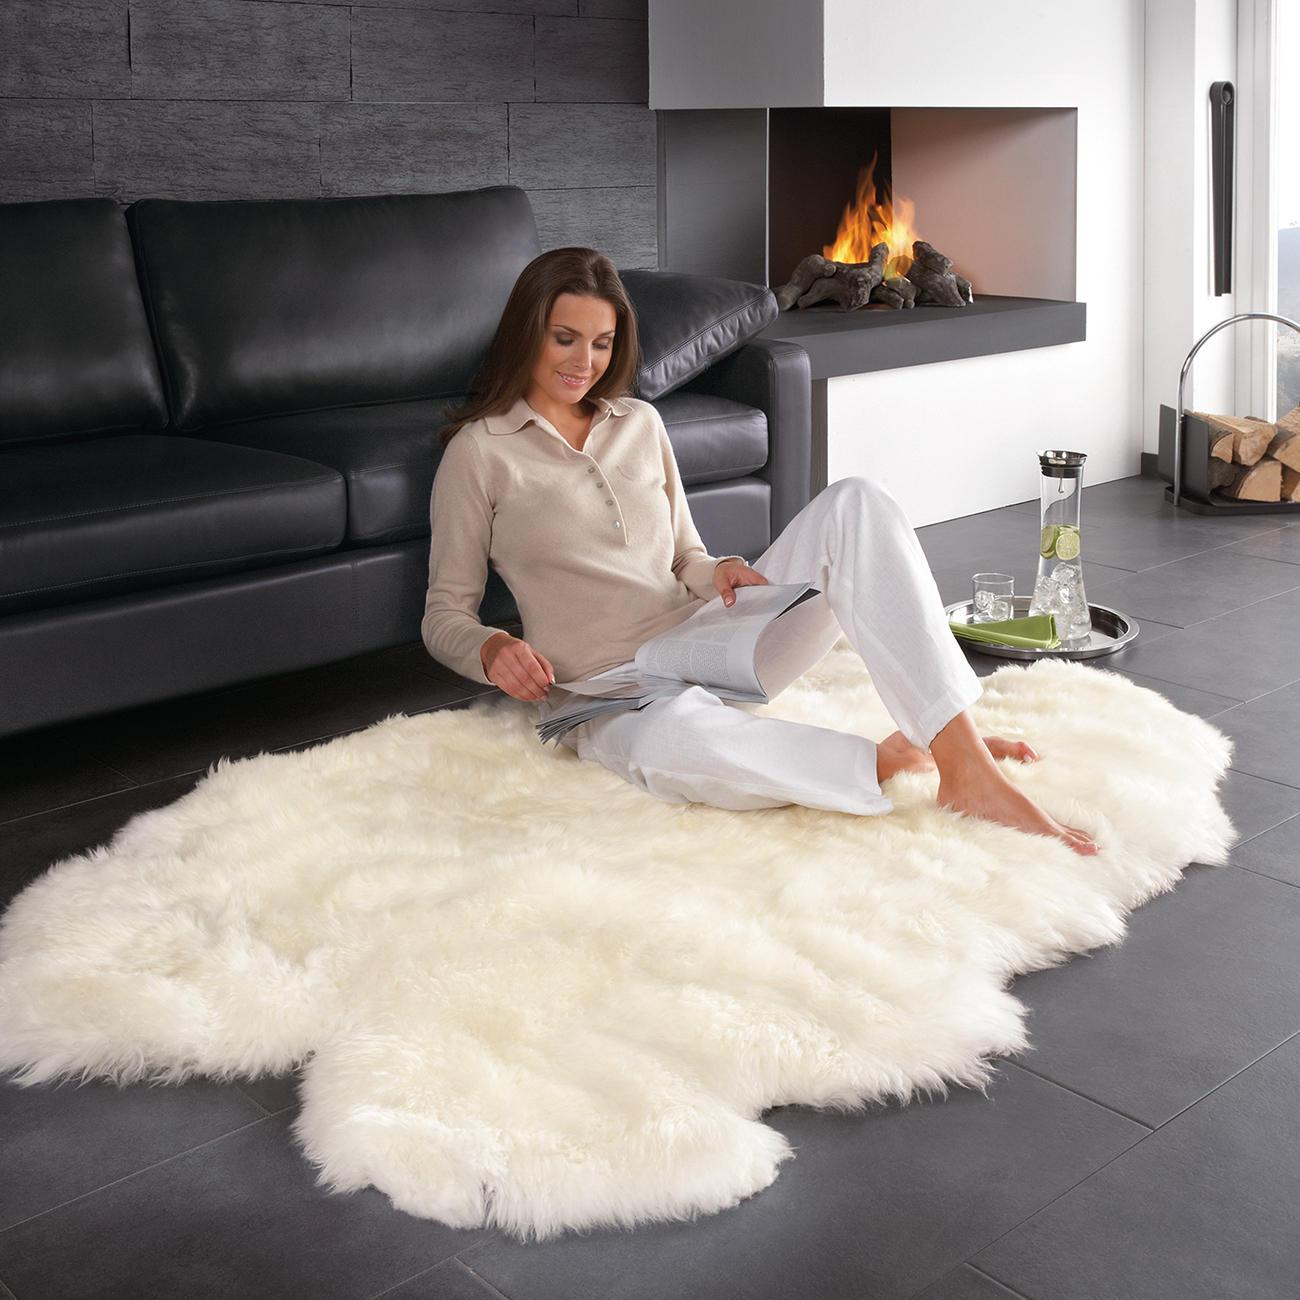 Kuscheliger teppich  Lammfell-Teppich - 160 x 100 cm groß und sogar maschinenwaschbar